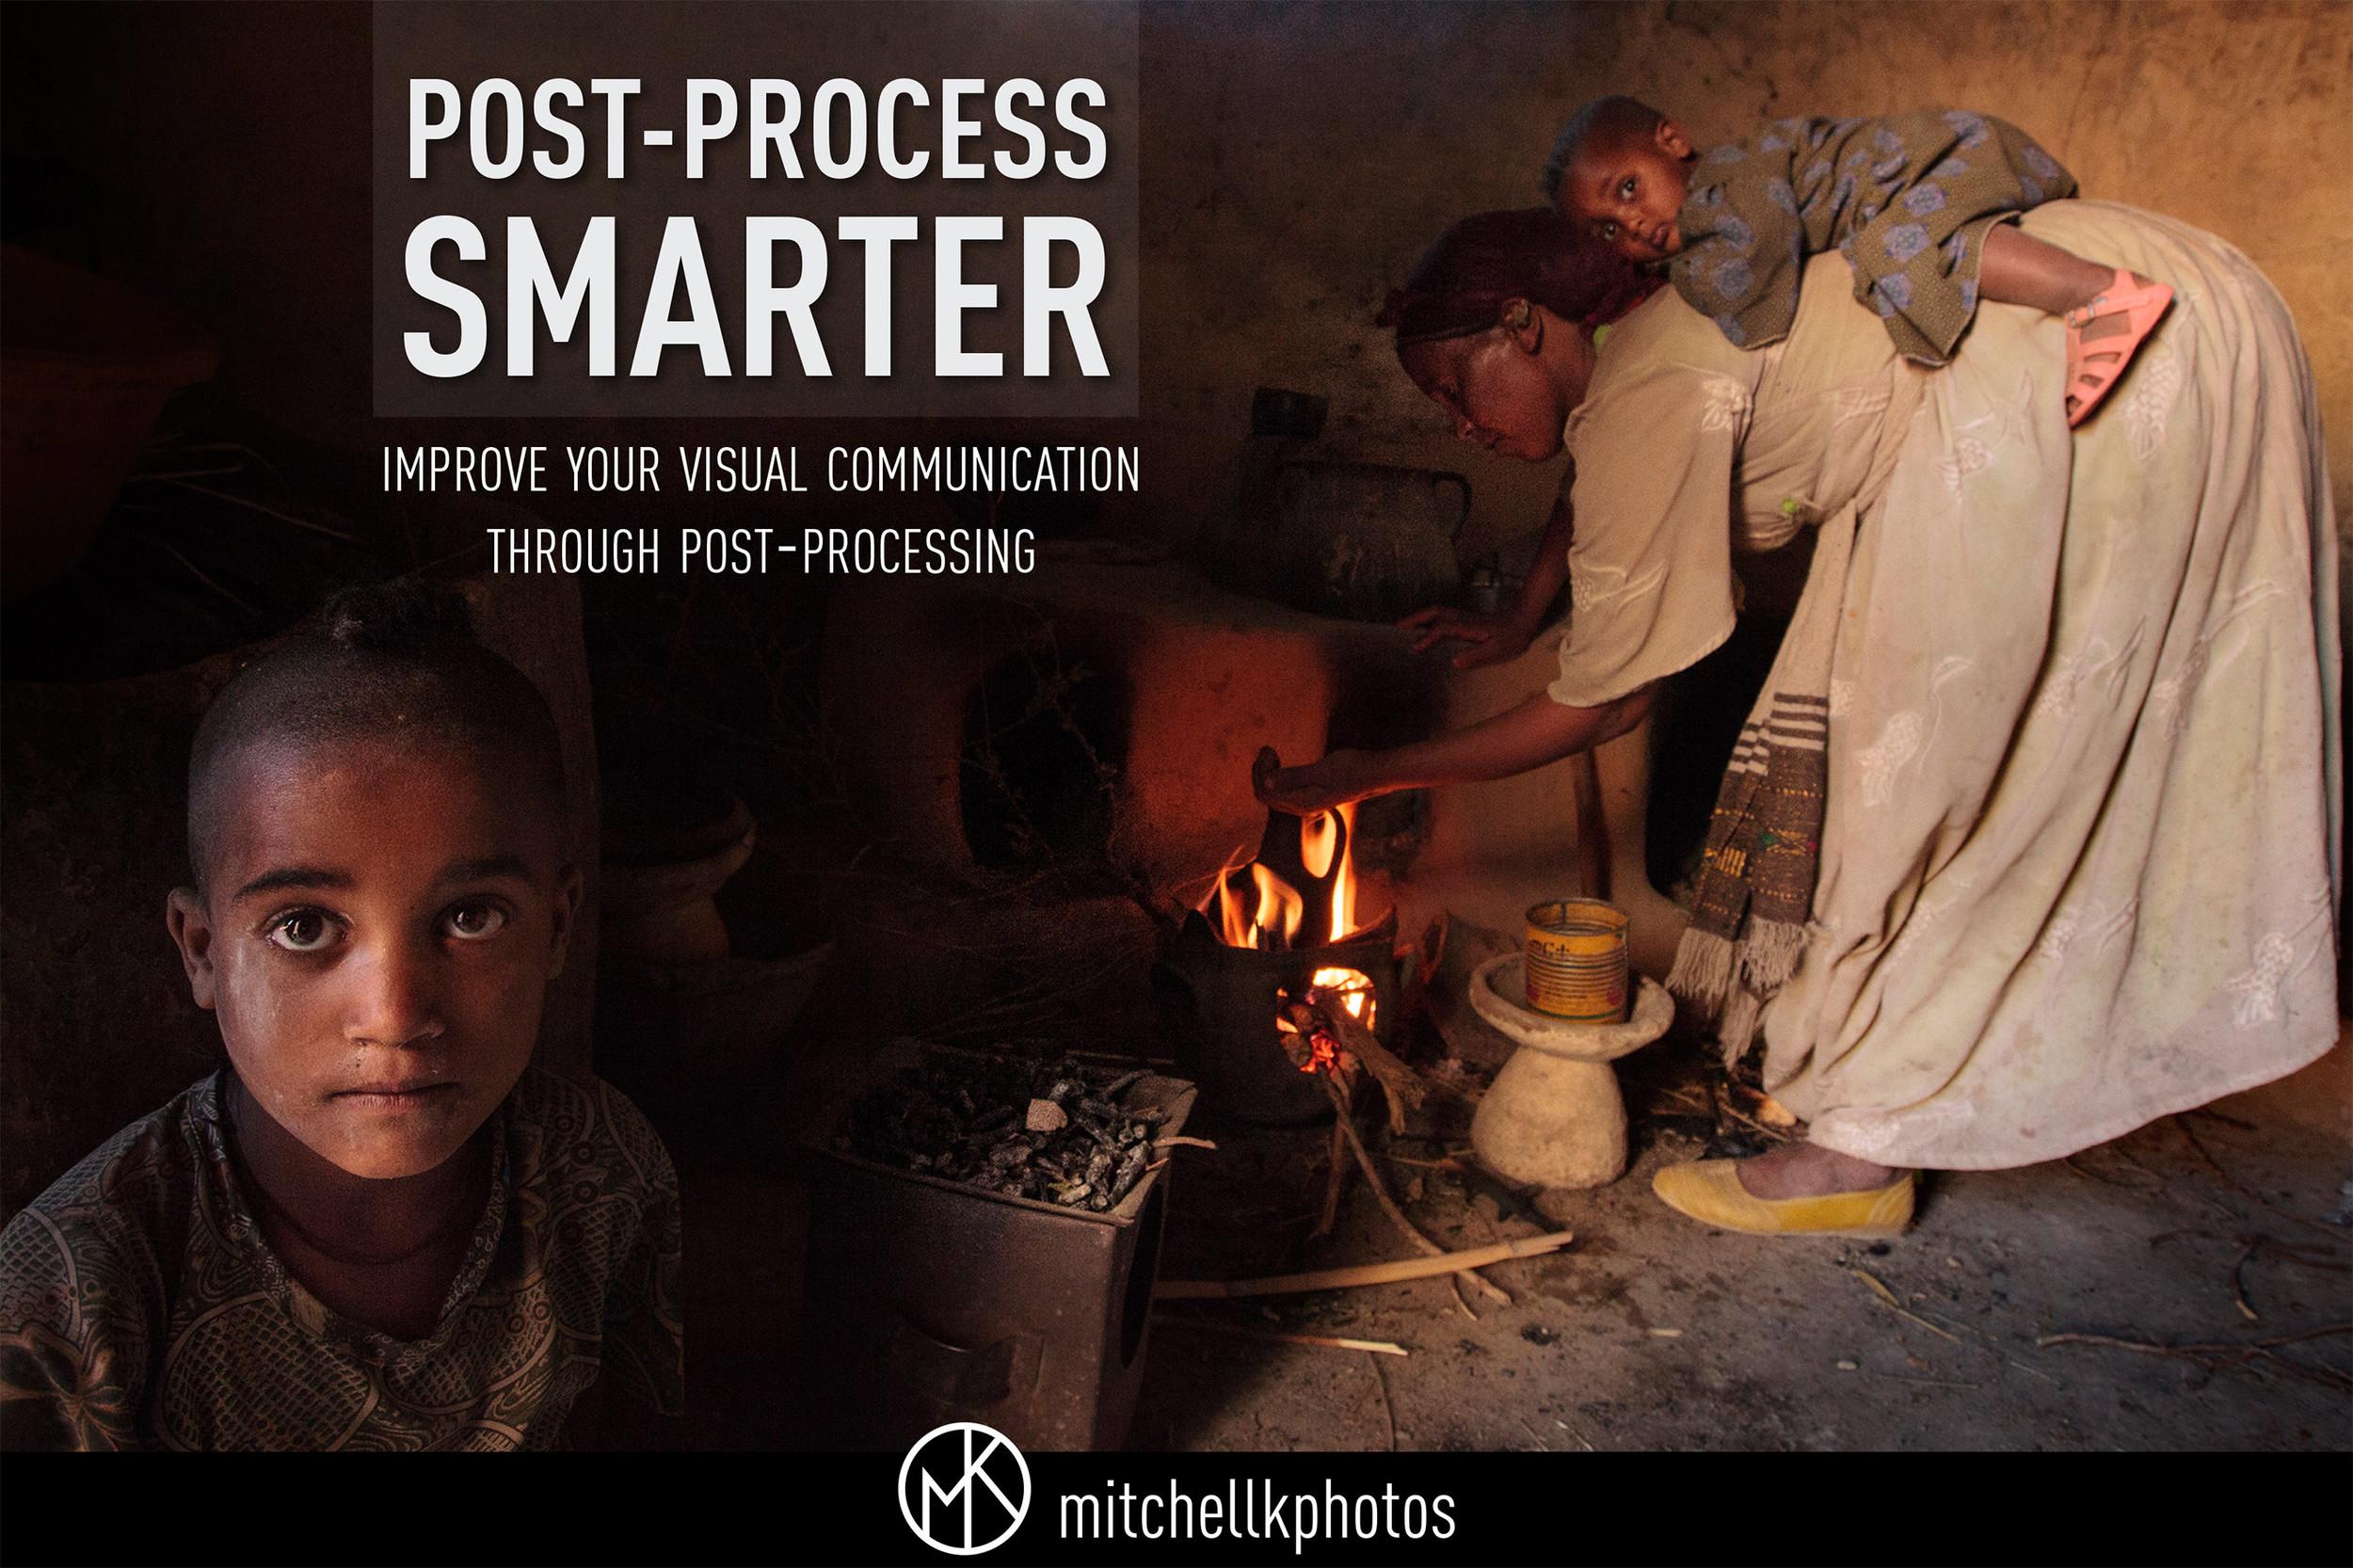 Post-process Smarter ebook